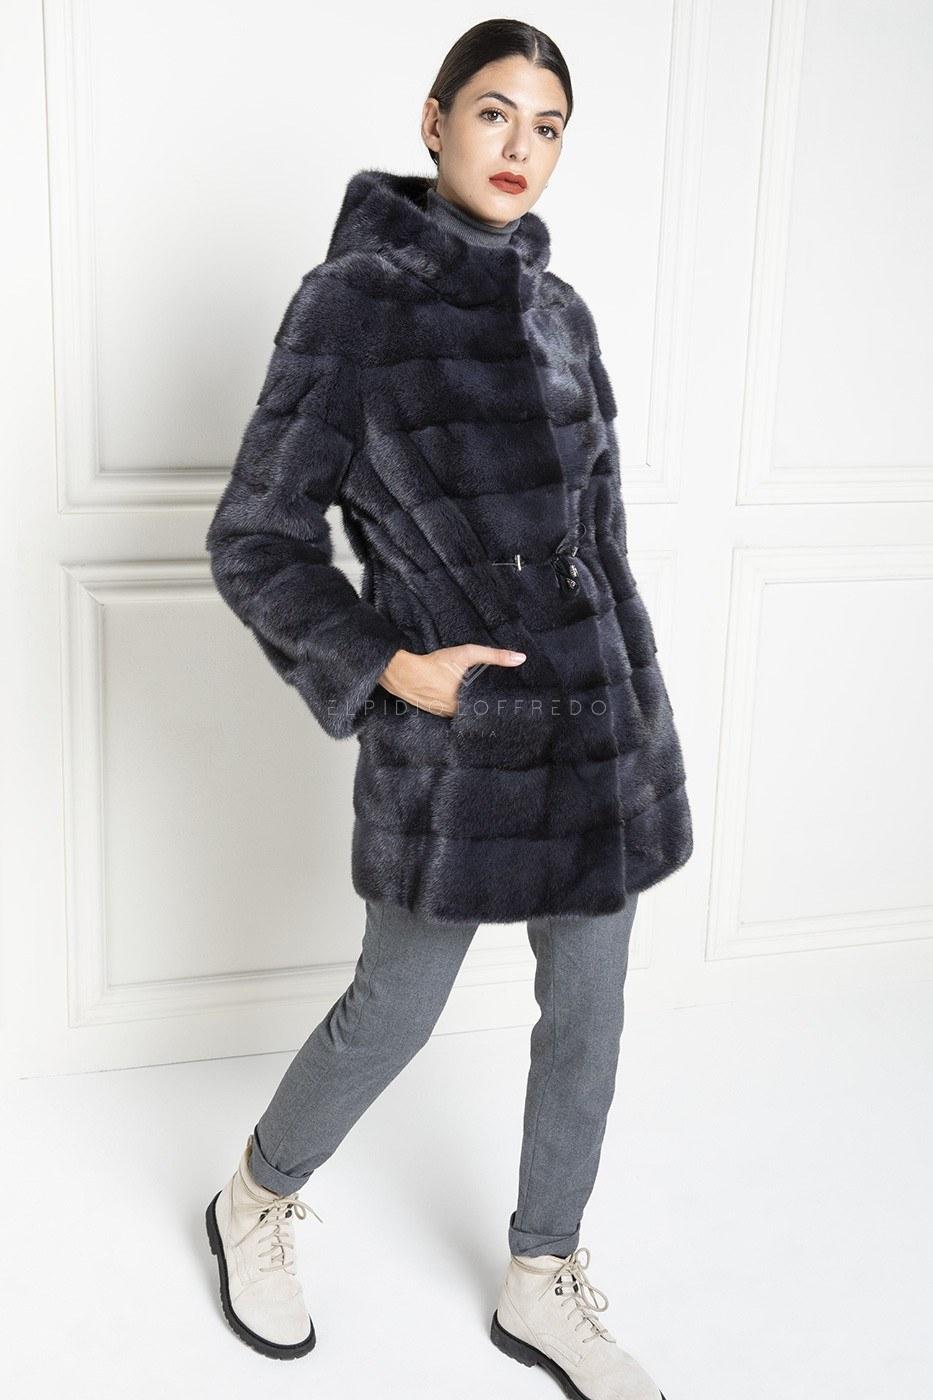 Blue Mink Fur Coat with Hoodie - Length 85 cm